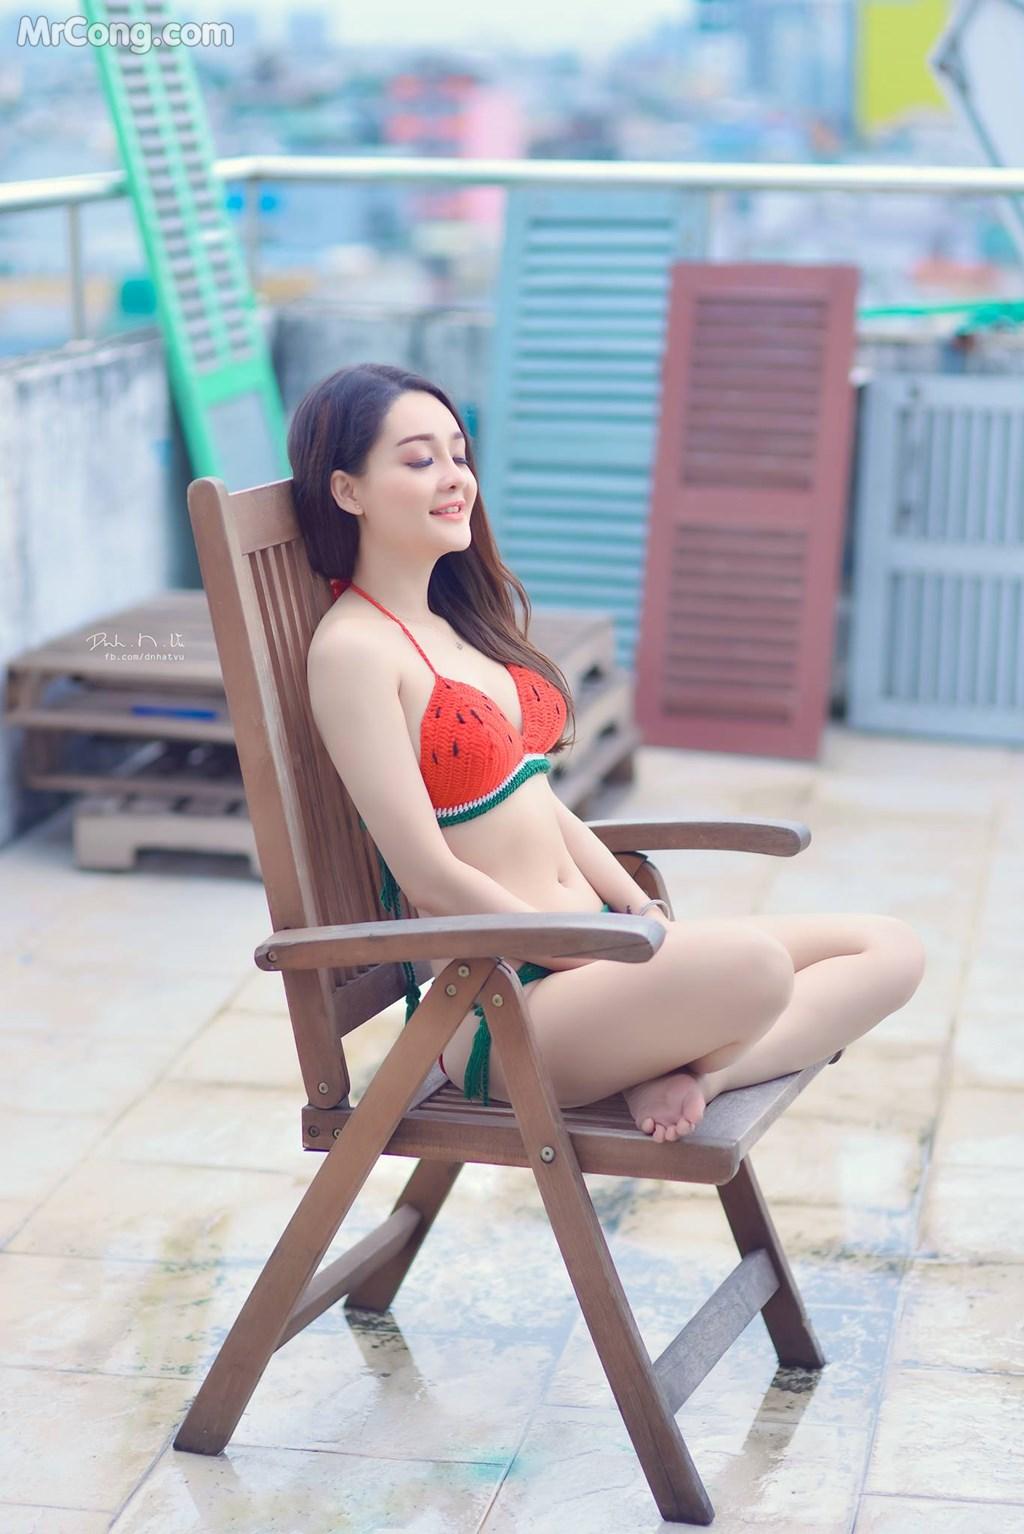 Image Girl-xinh-mac-bikini-dua-hau-MrCong.com-003 in post Mê mẩn với nhan sắc xinh đẹp của cô nàng tạo dáng với bikini hình dưa hấu (8 ảnh)